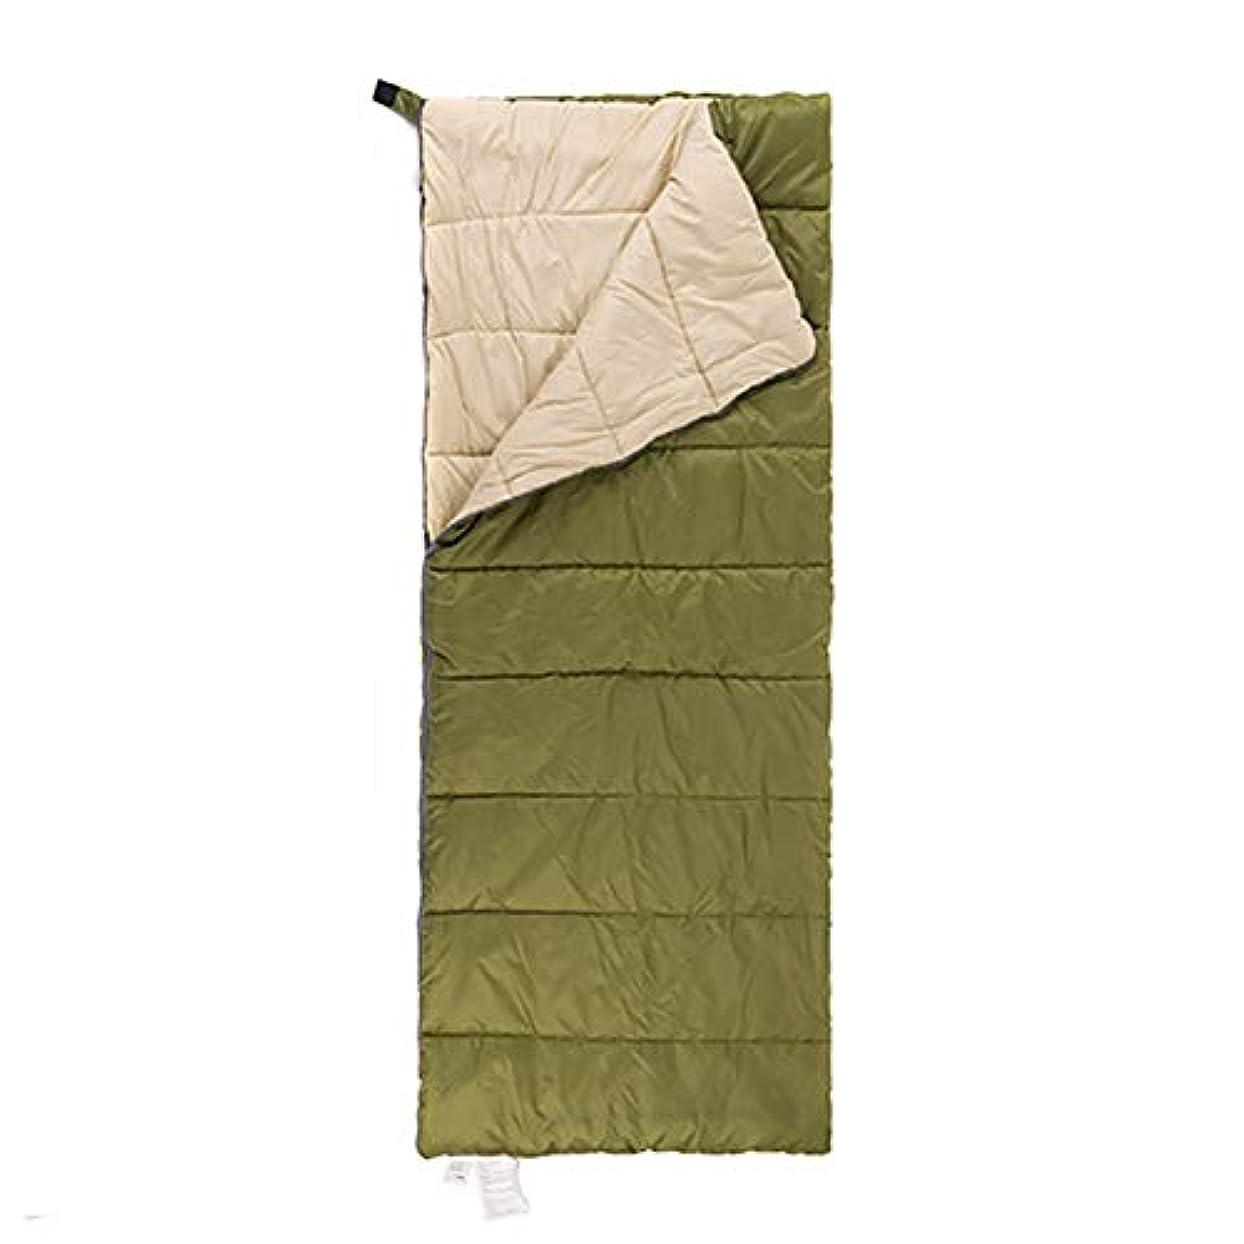 グラム脆い熟す封筒 ミイラの寝袋,超軽量 大人 防水 圧縮袋 パッドを睡眠 春 教授 旅行 キャンプ ハイキング 屋外活動-C 190x75cm(75x30inch)